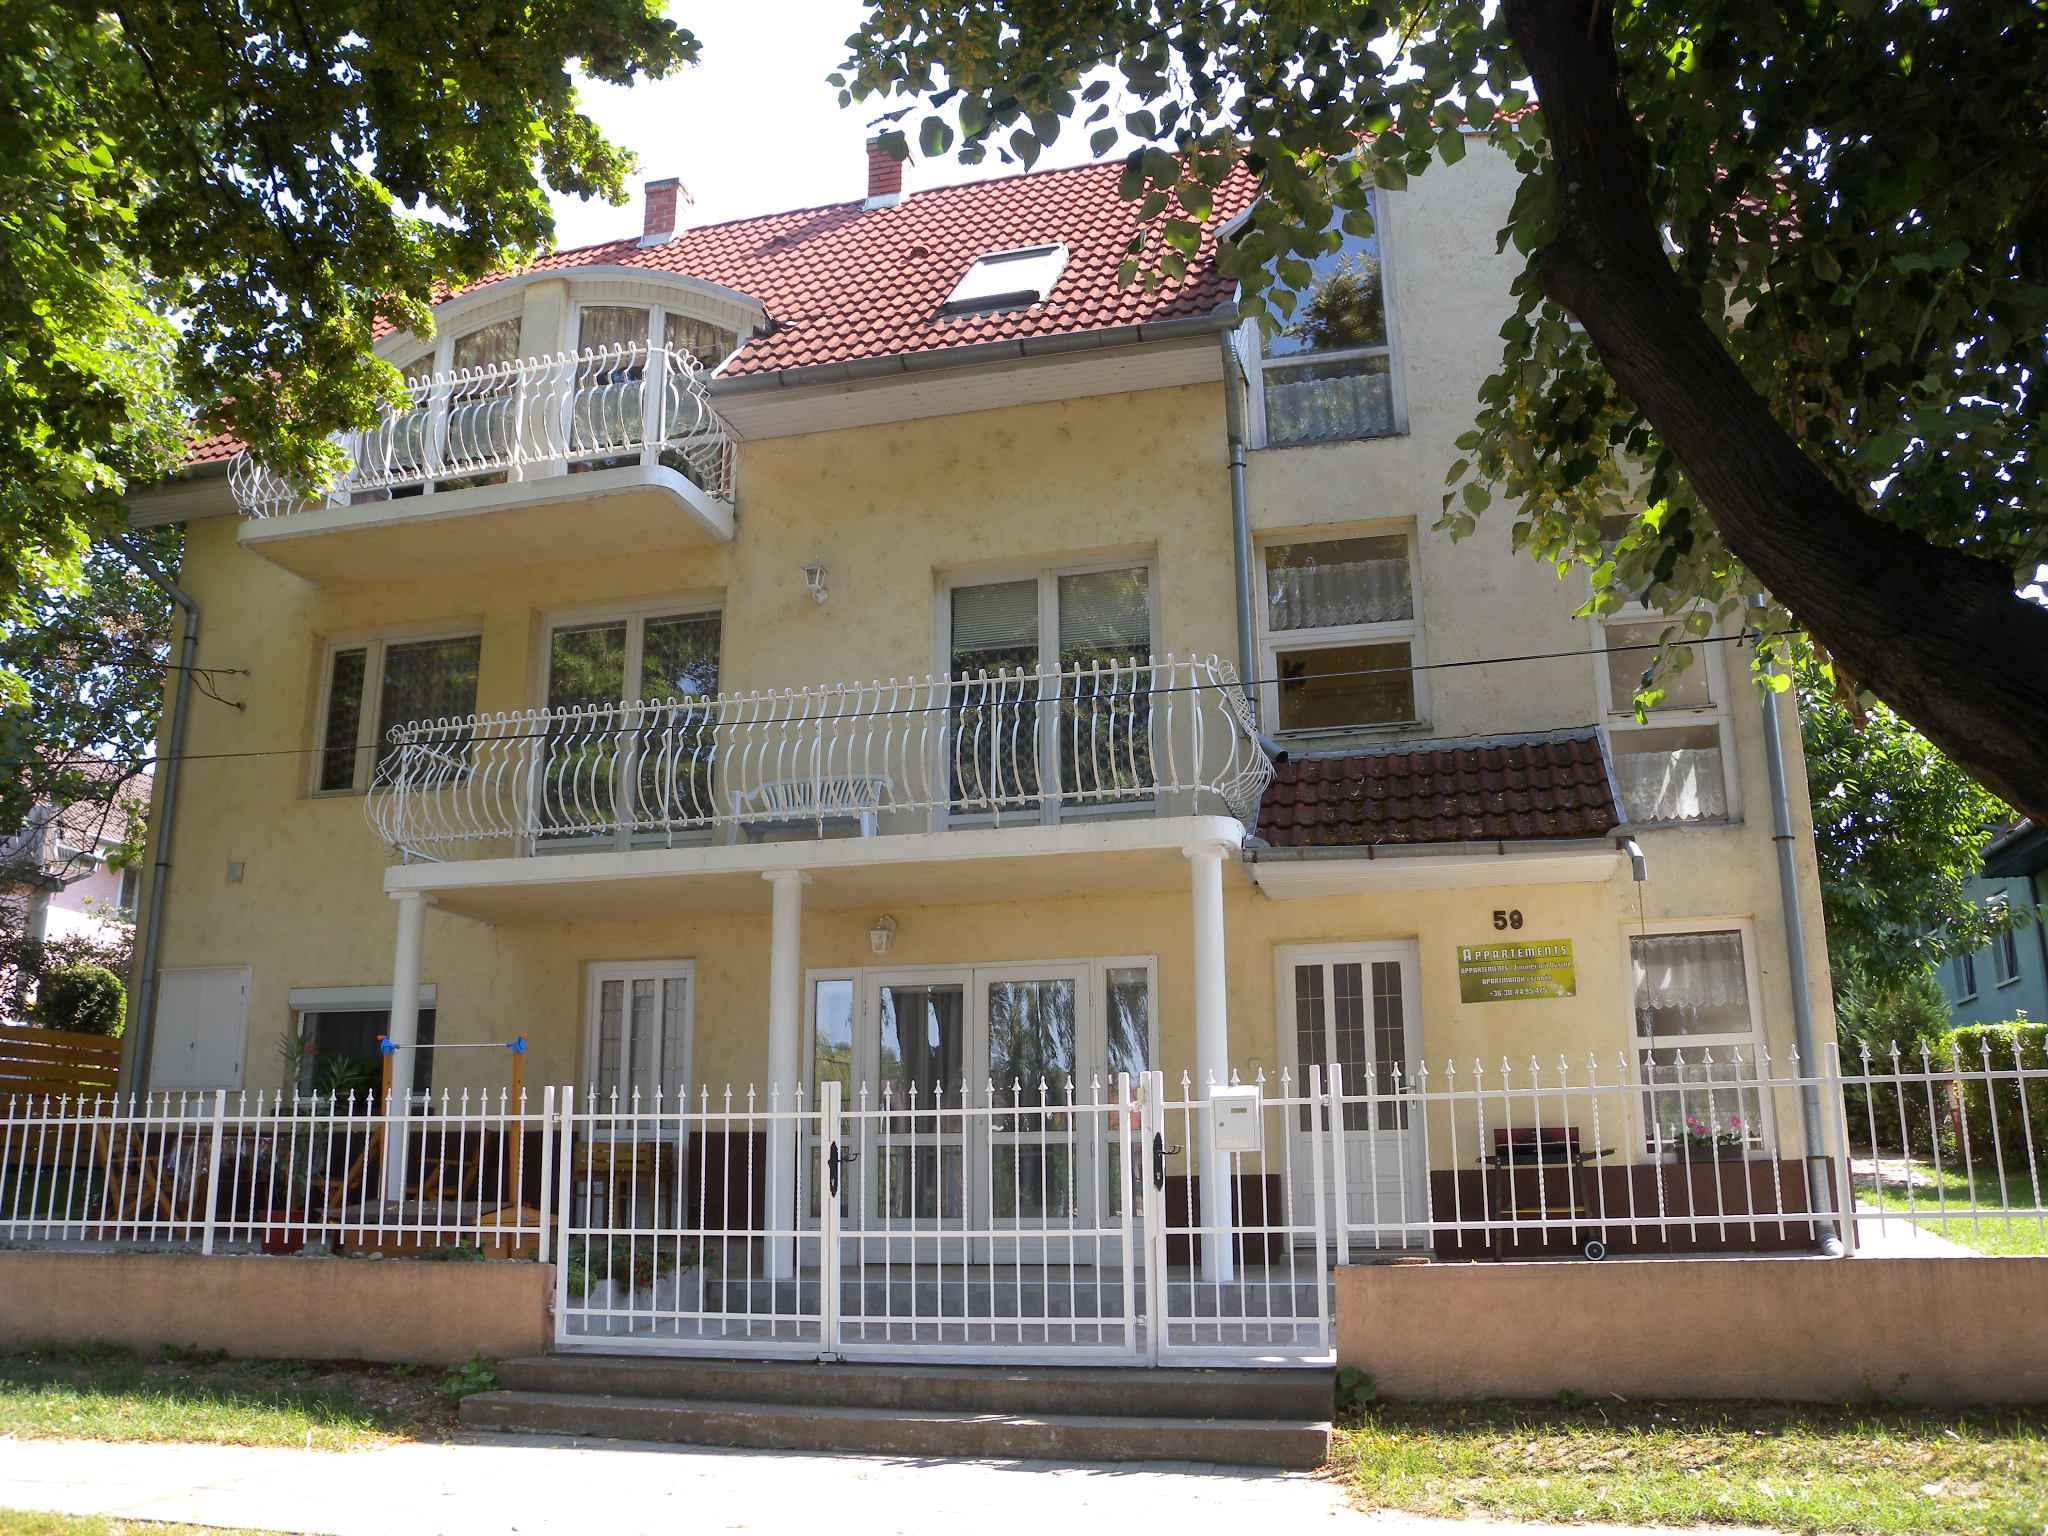 Ferienwohnung mit Kinderspielplatz und Balkon  in Ungarn